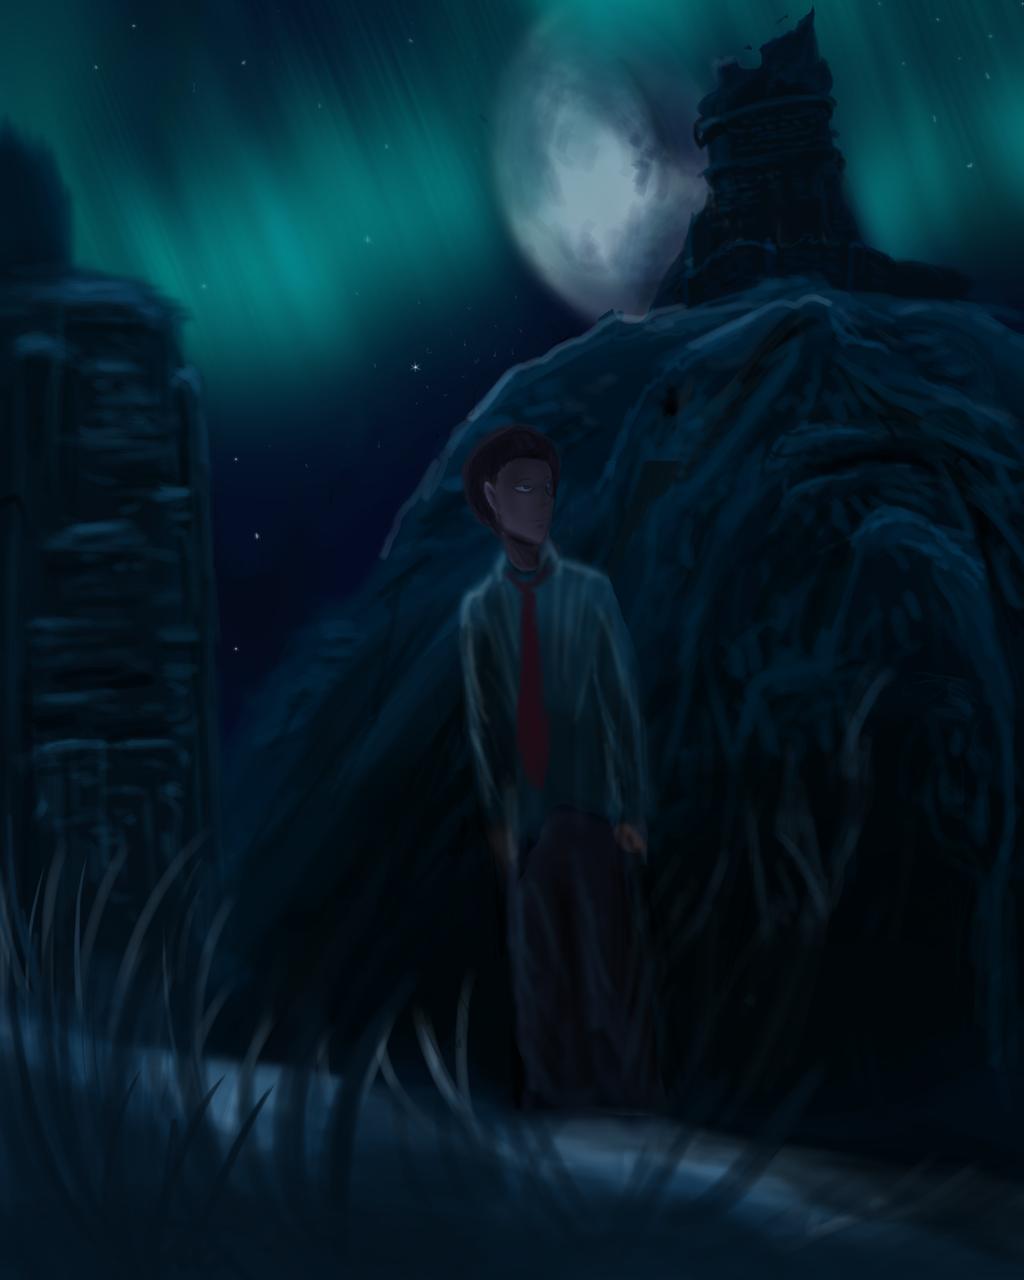 Taking a stroll through Skyrim by ShadowClawZ